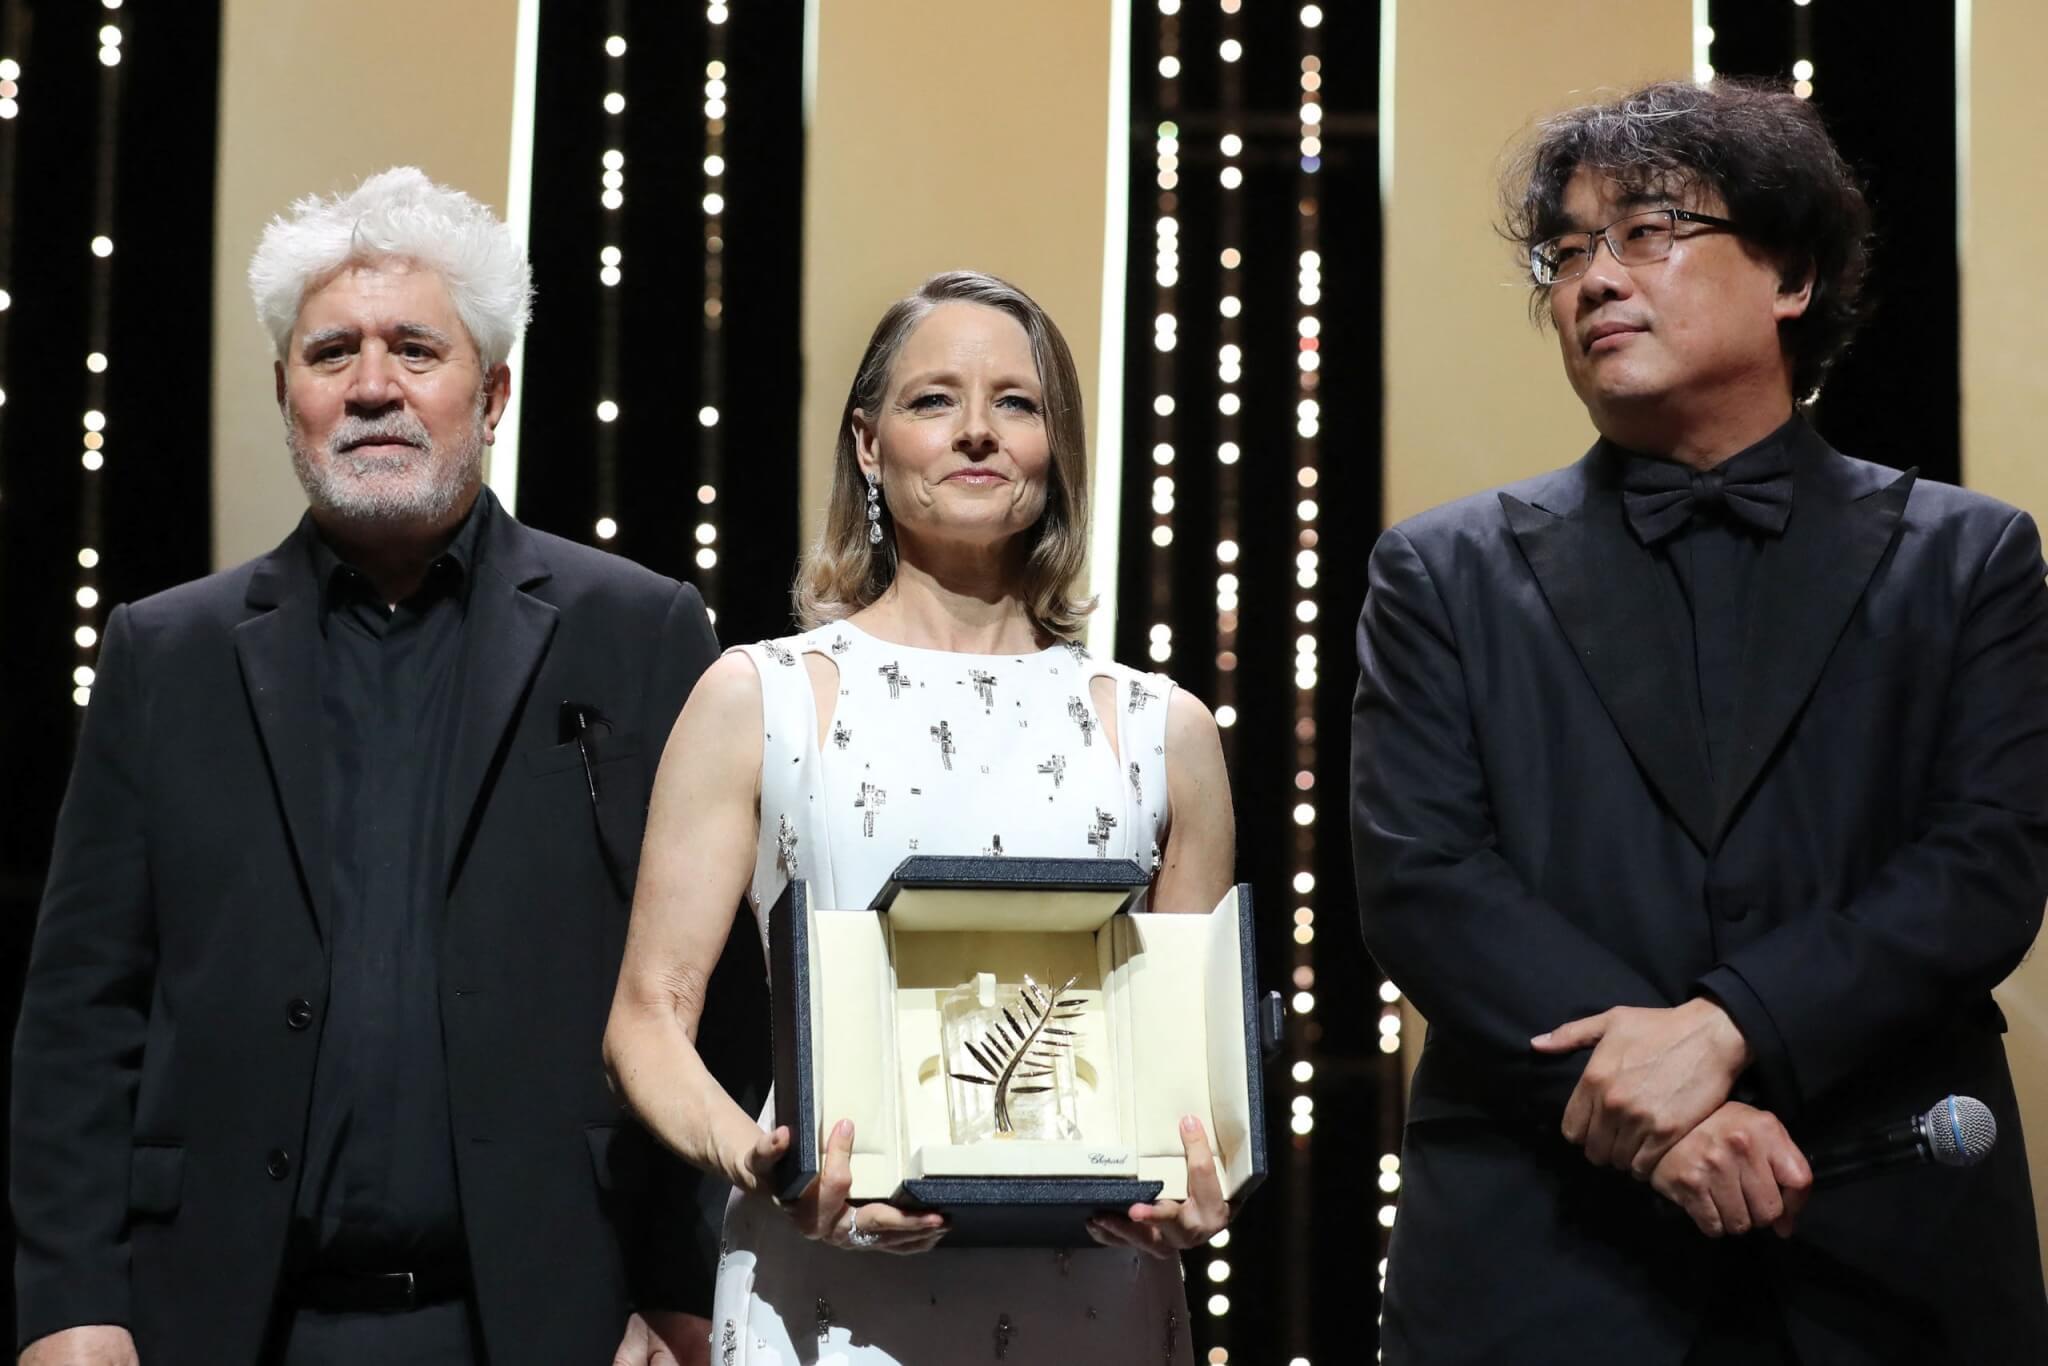 資深荷李活演員茱迪科士打獲得「金棕櫚榮譽大獎」。